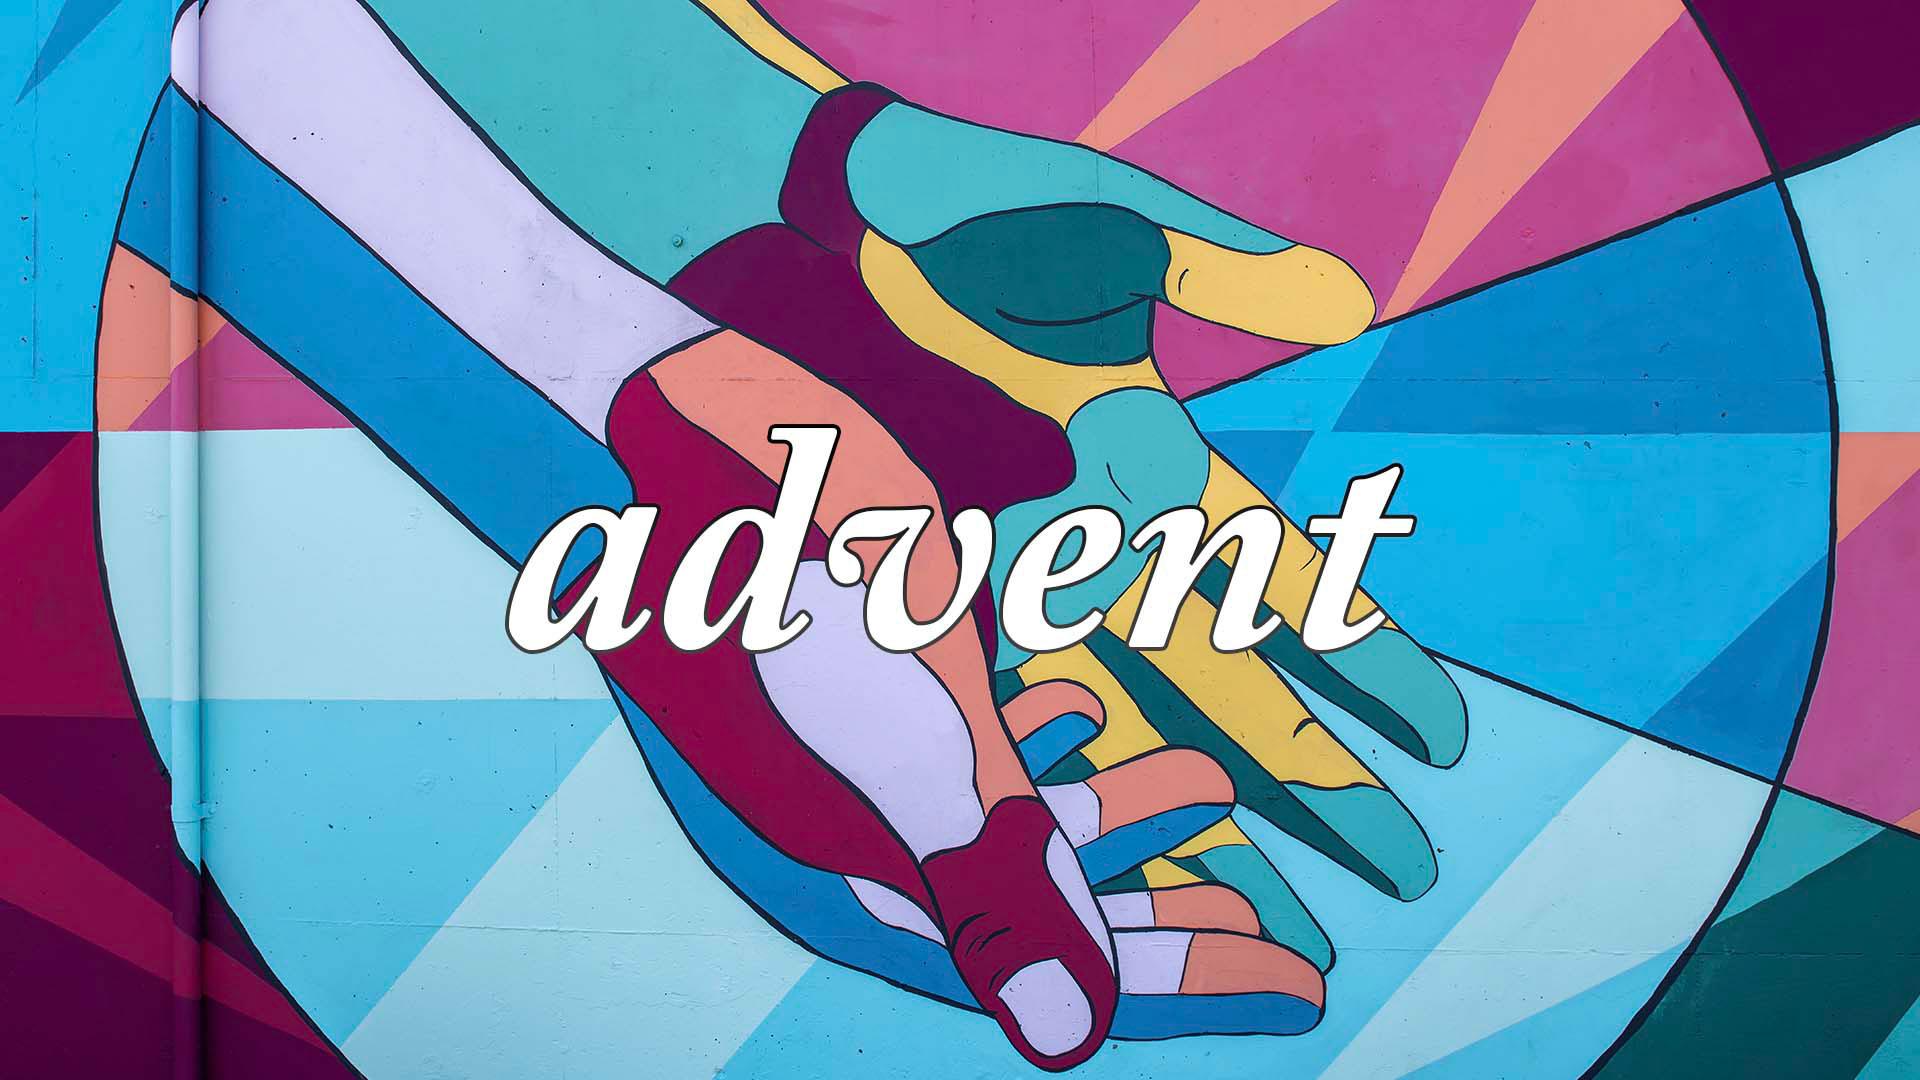 Series: Advent 2020: Week 1